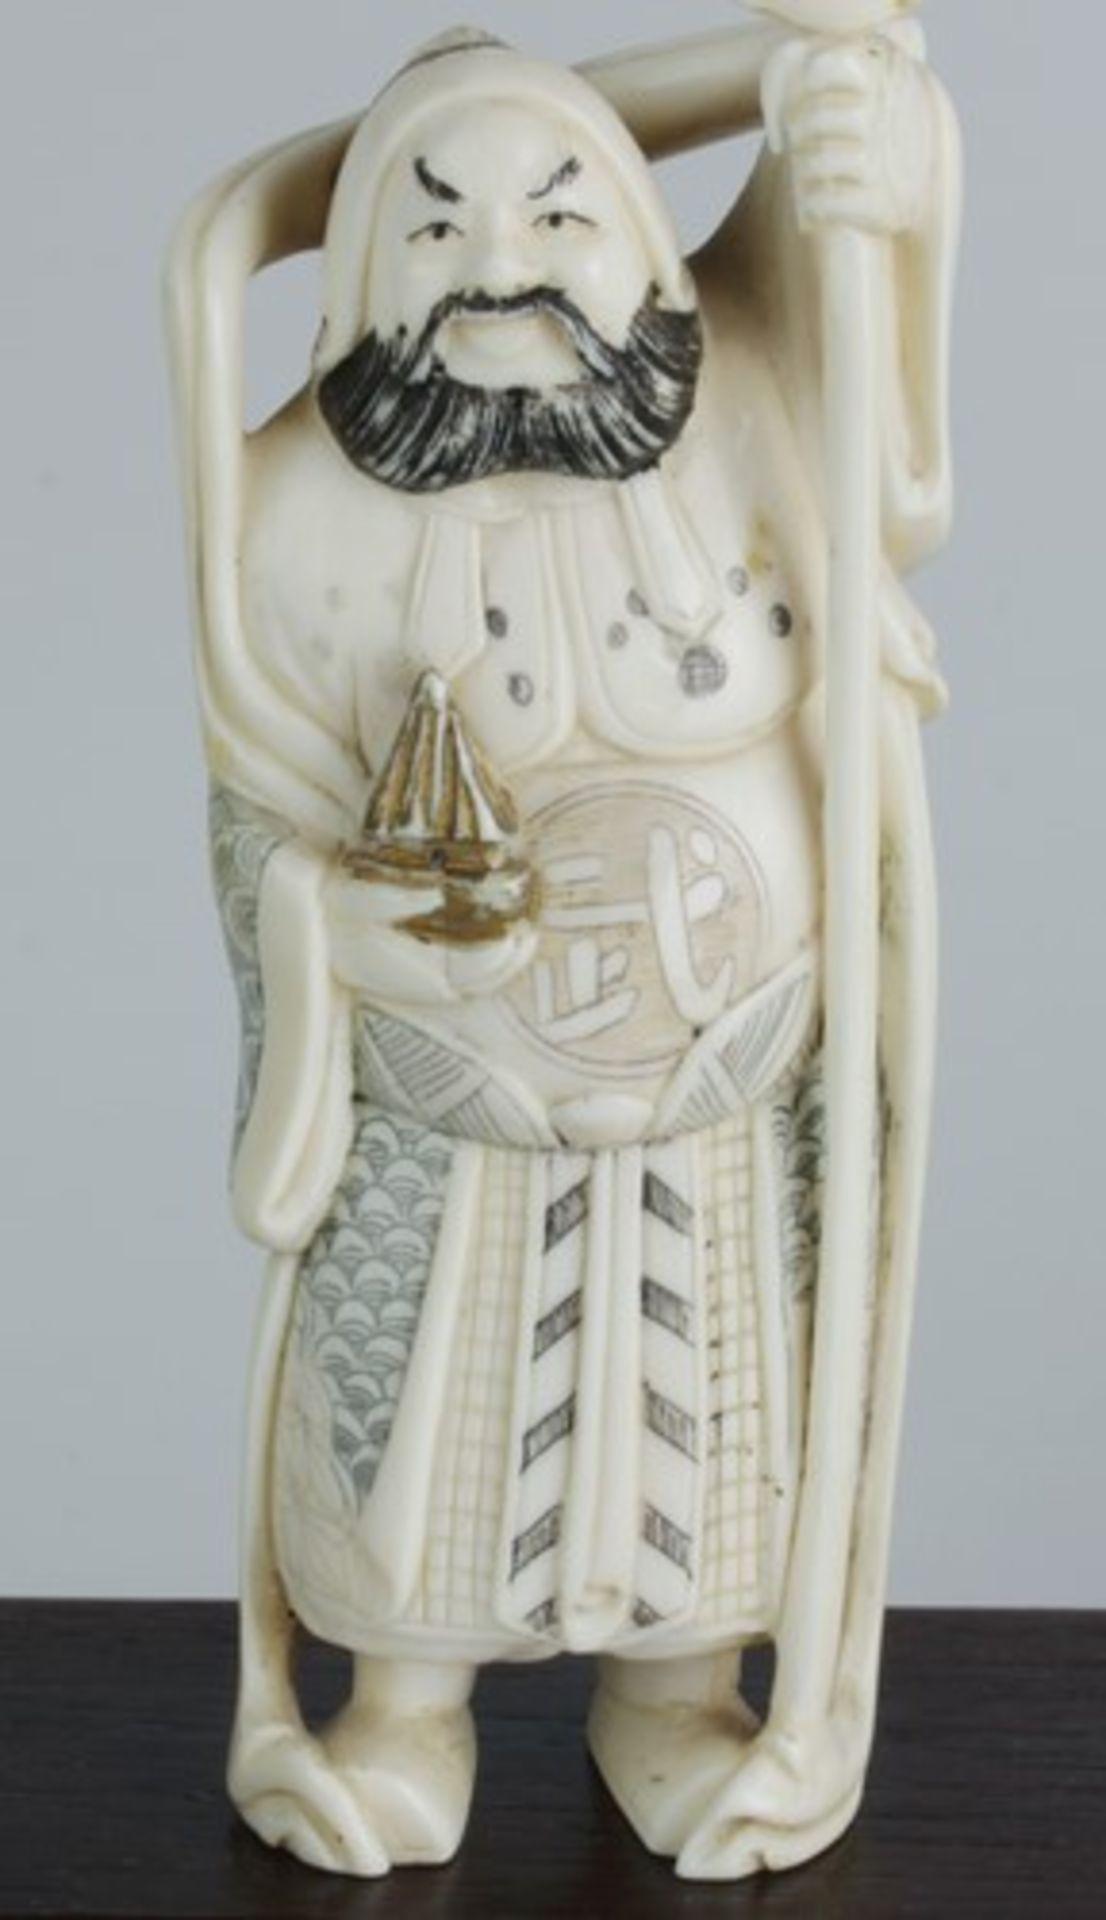 Figurengruppe - Chinaum 1920, 7x vollplastische Elfenbein-Schnitzereien, partiell geschwärzt, - Bild 5 aus 24